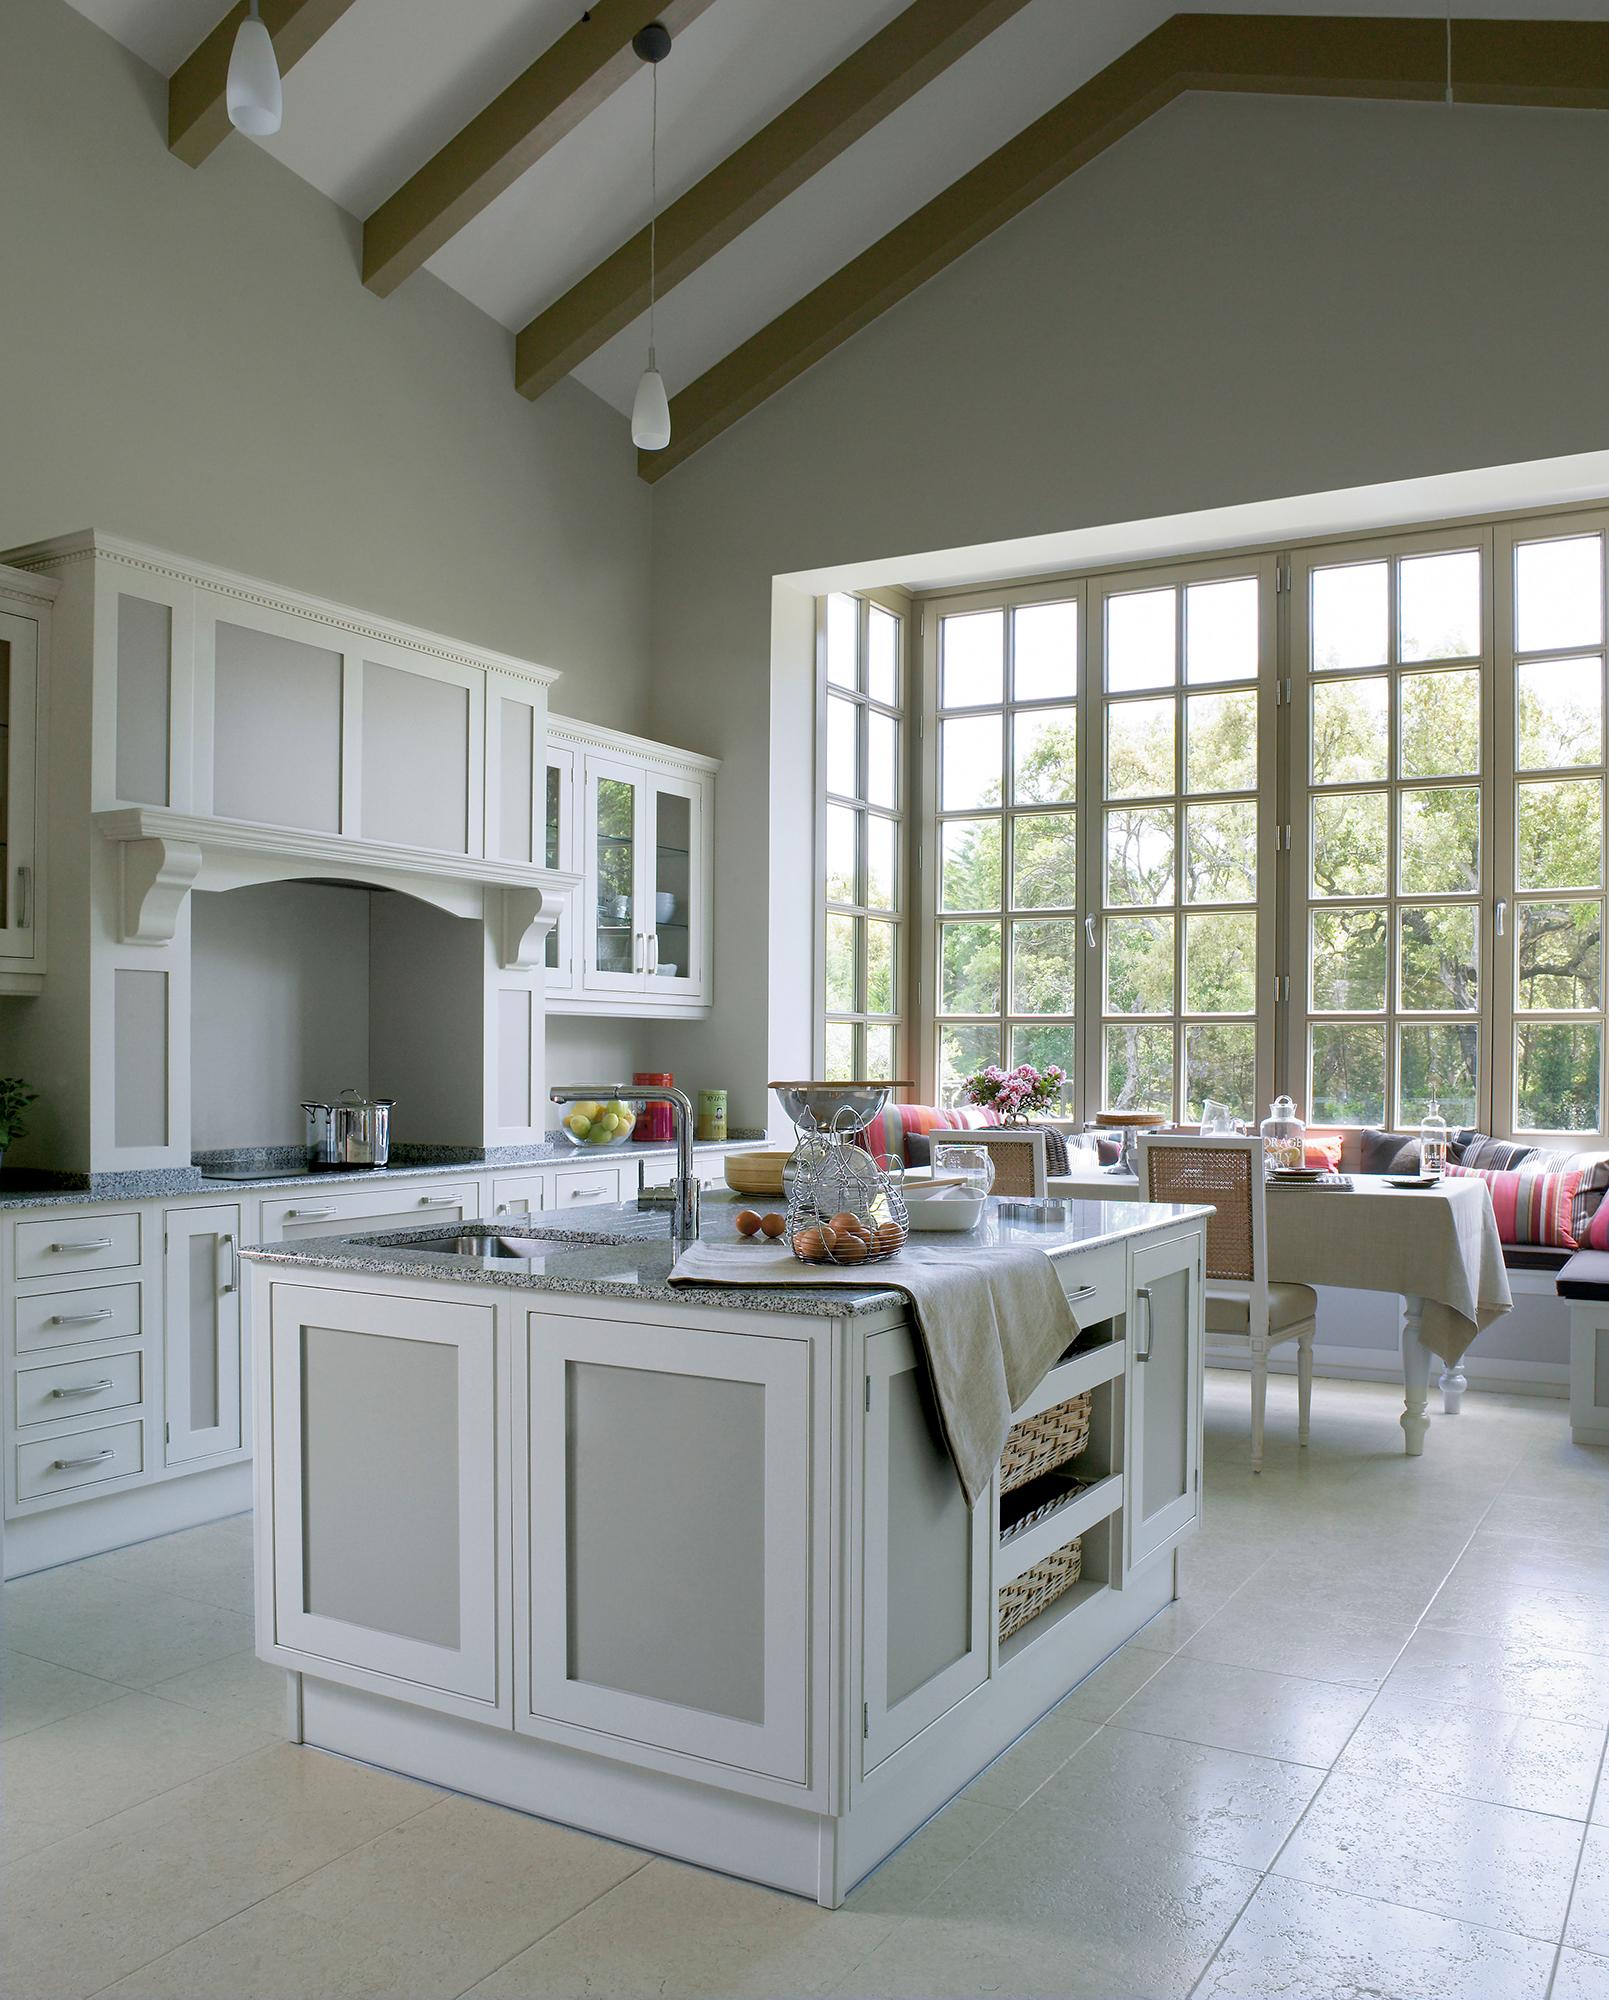 Isla De Cocina Muebles De Cocina Con Isla Central Mimasku Com # Muebles Hipopotamo